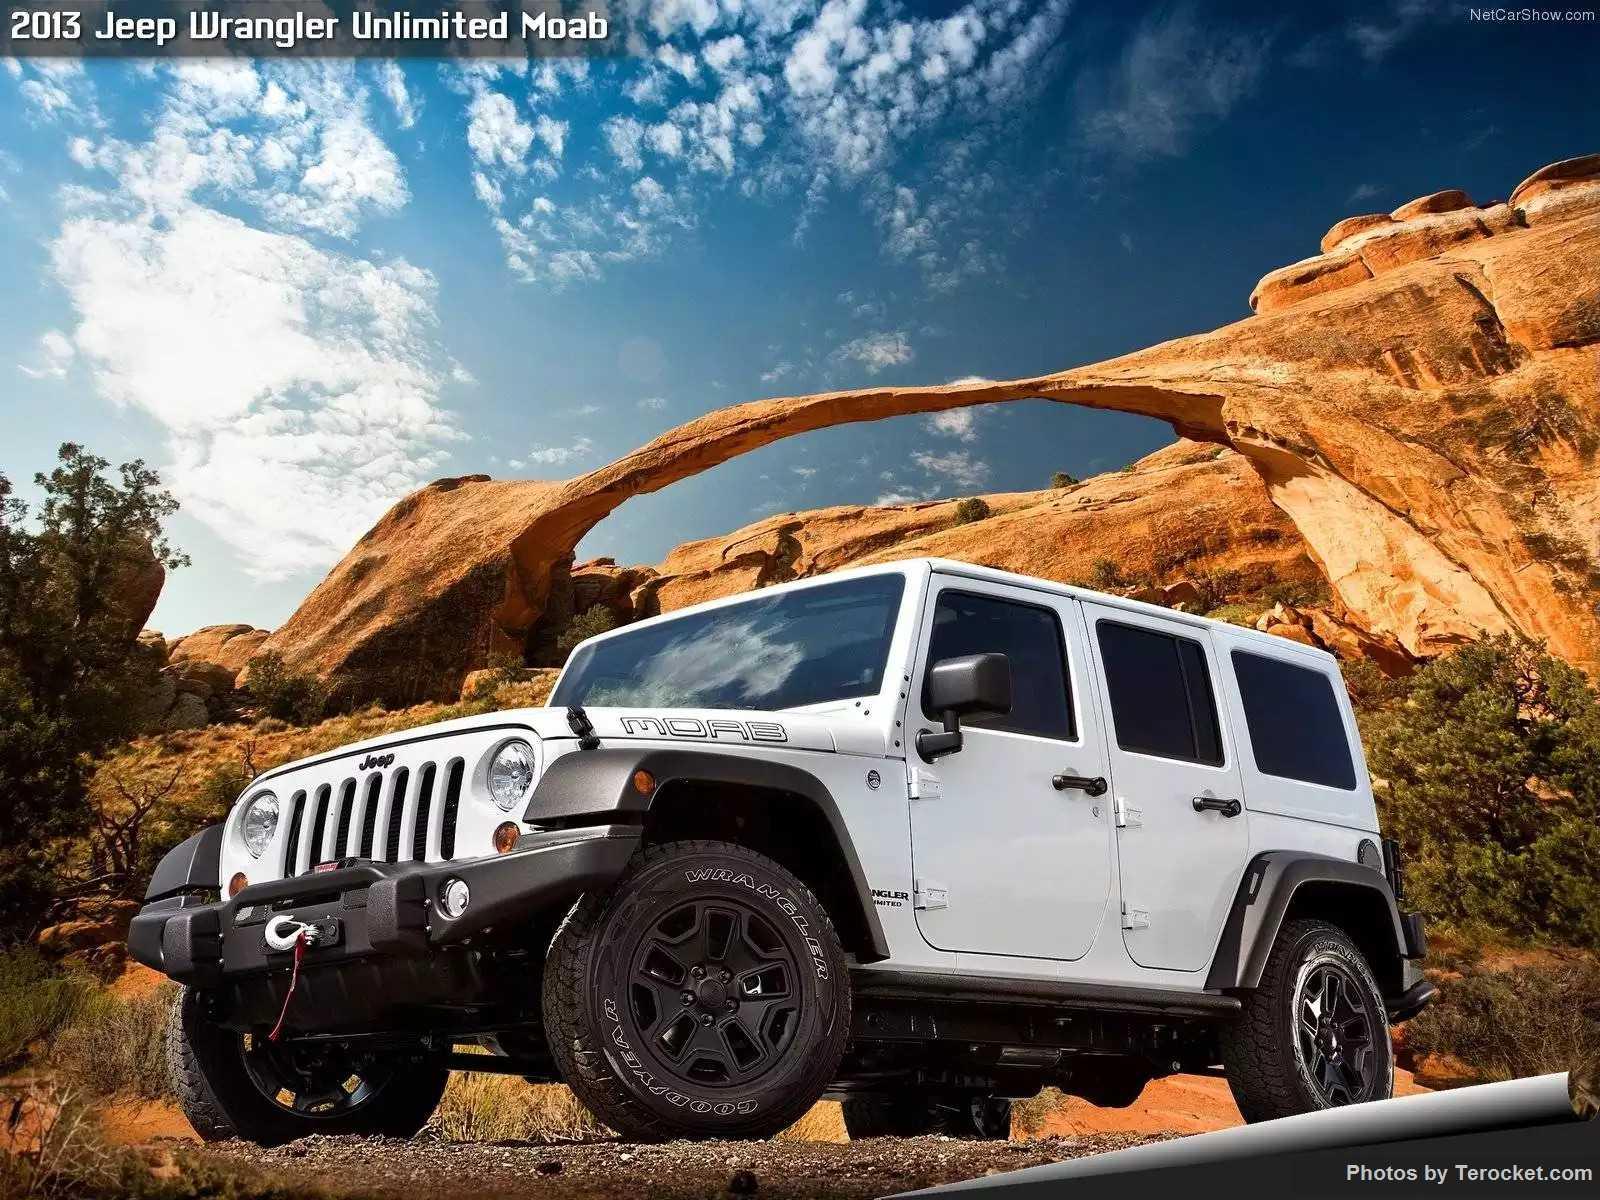 Hình ảnh xe ô tô Jeep Wrangler Unlimited Moab 2013 & nội ngoại thất